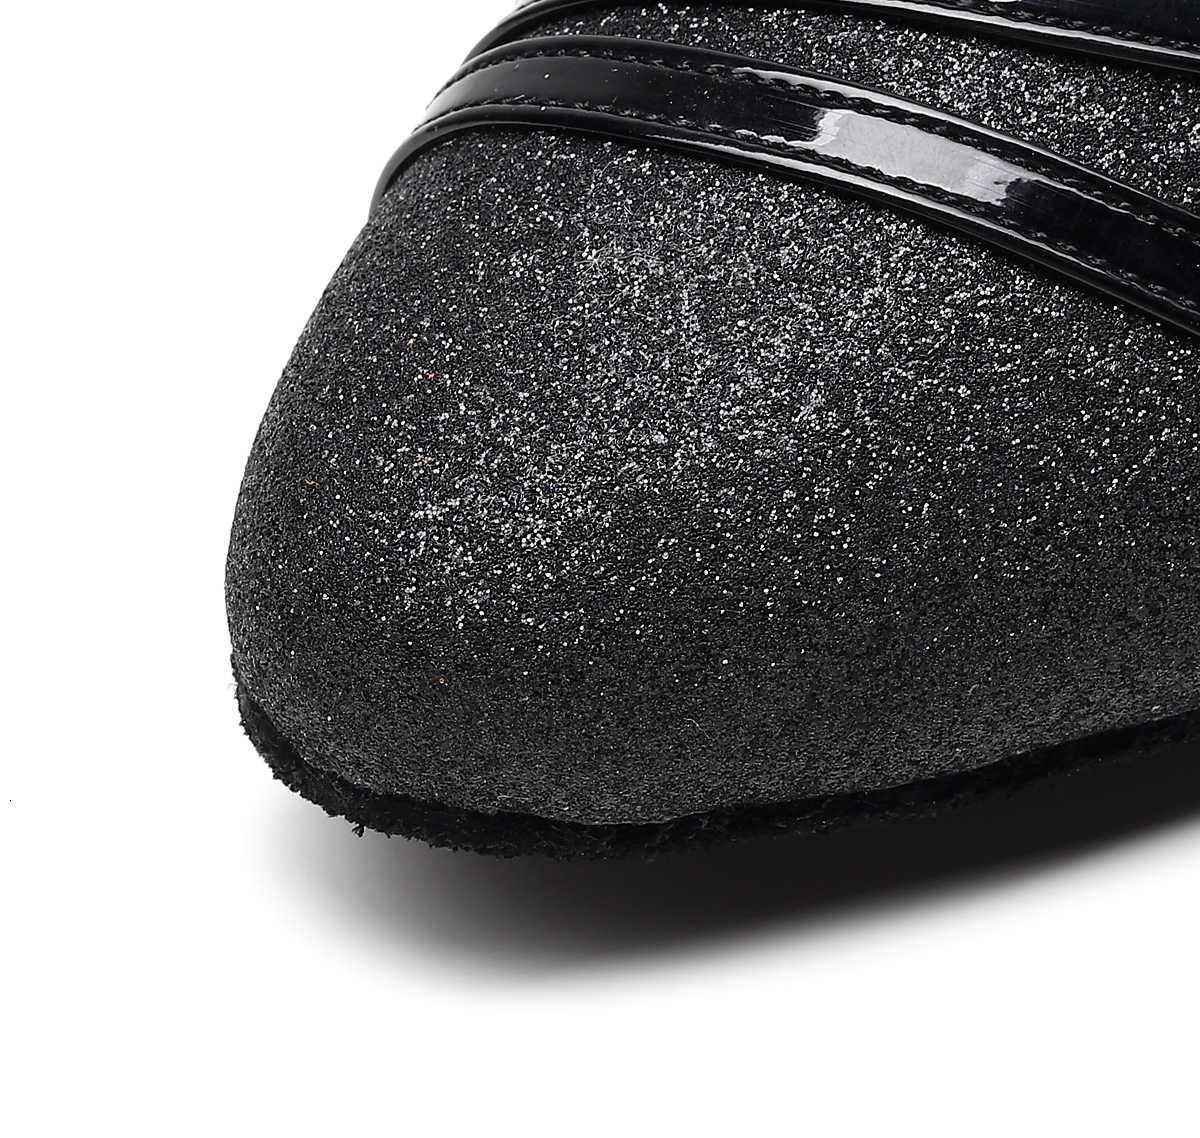 Luxus Jazz Salsa Ballsaal Latin Dance Tan Schuhe Für Tanzen Frauen Praxis Tango Latino Ferse Pointe 1053 Sommer Schwarz Sandalen